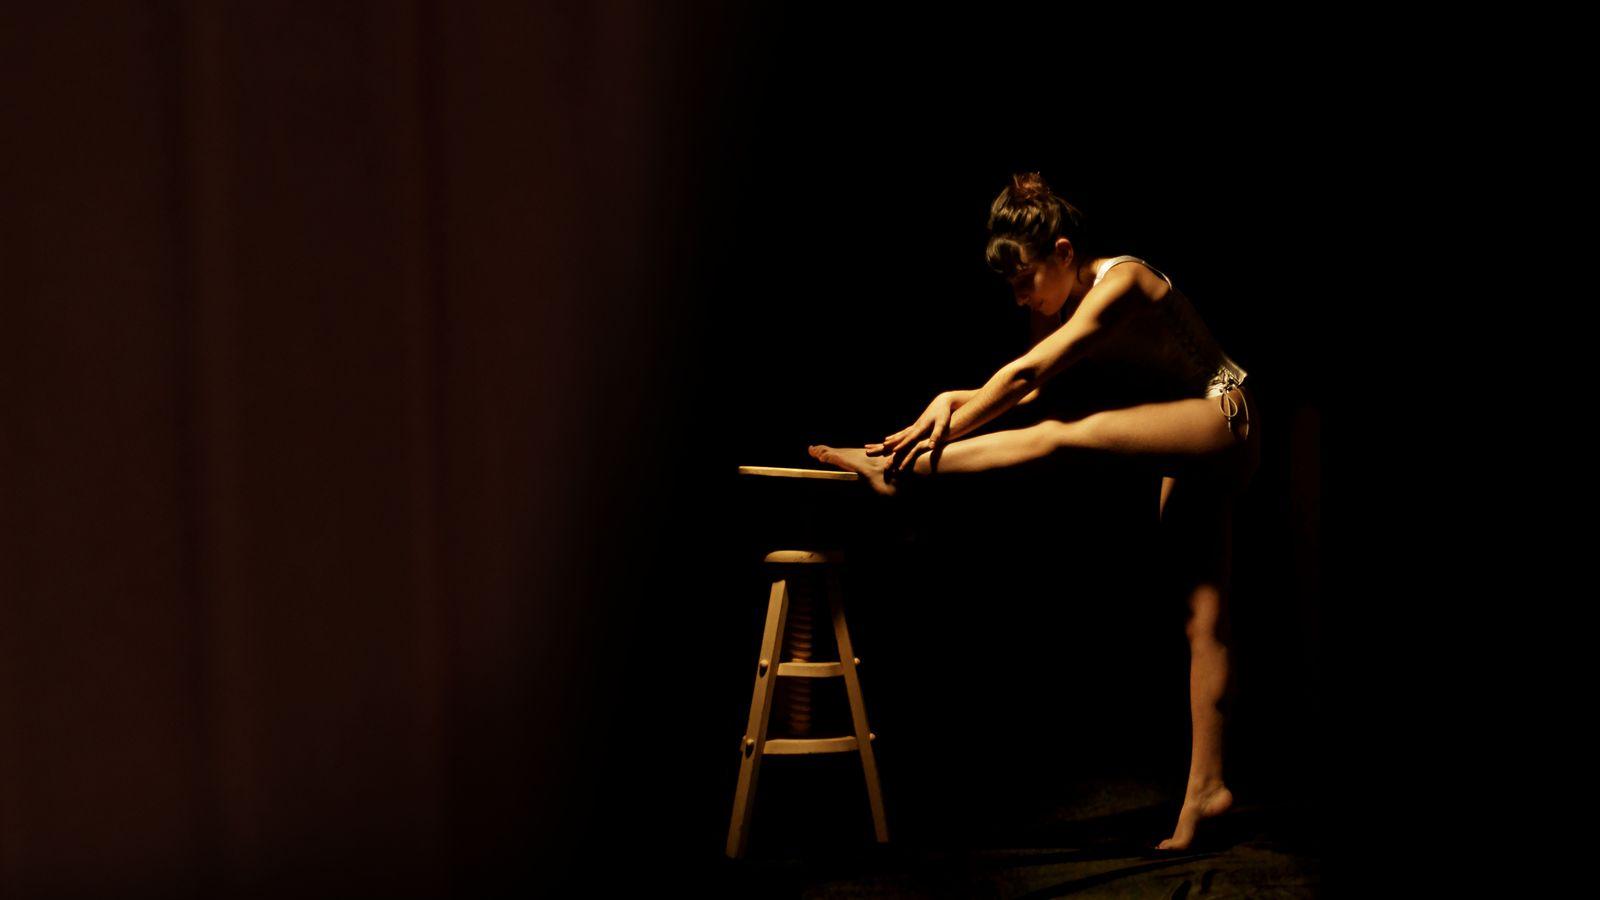 Maeva, en pleine préparation, s'étire en s'appuyant sur un tabouret haut. Derrière le rideau, on entend le public qui s'installe avant le spectacle.